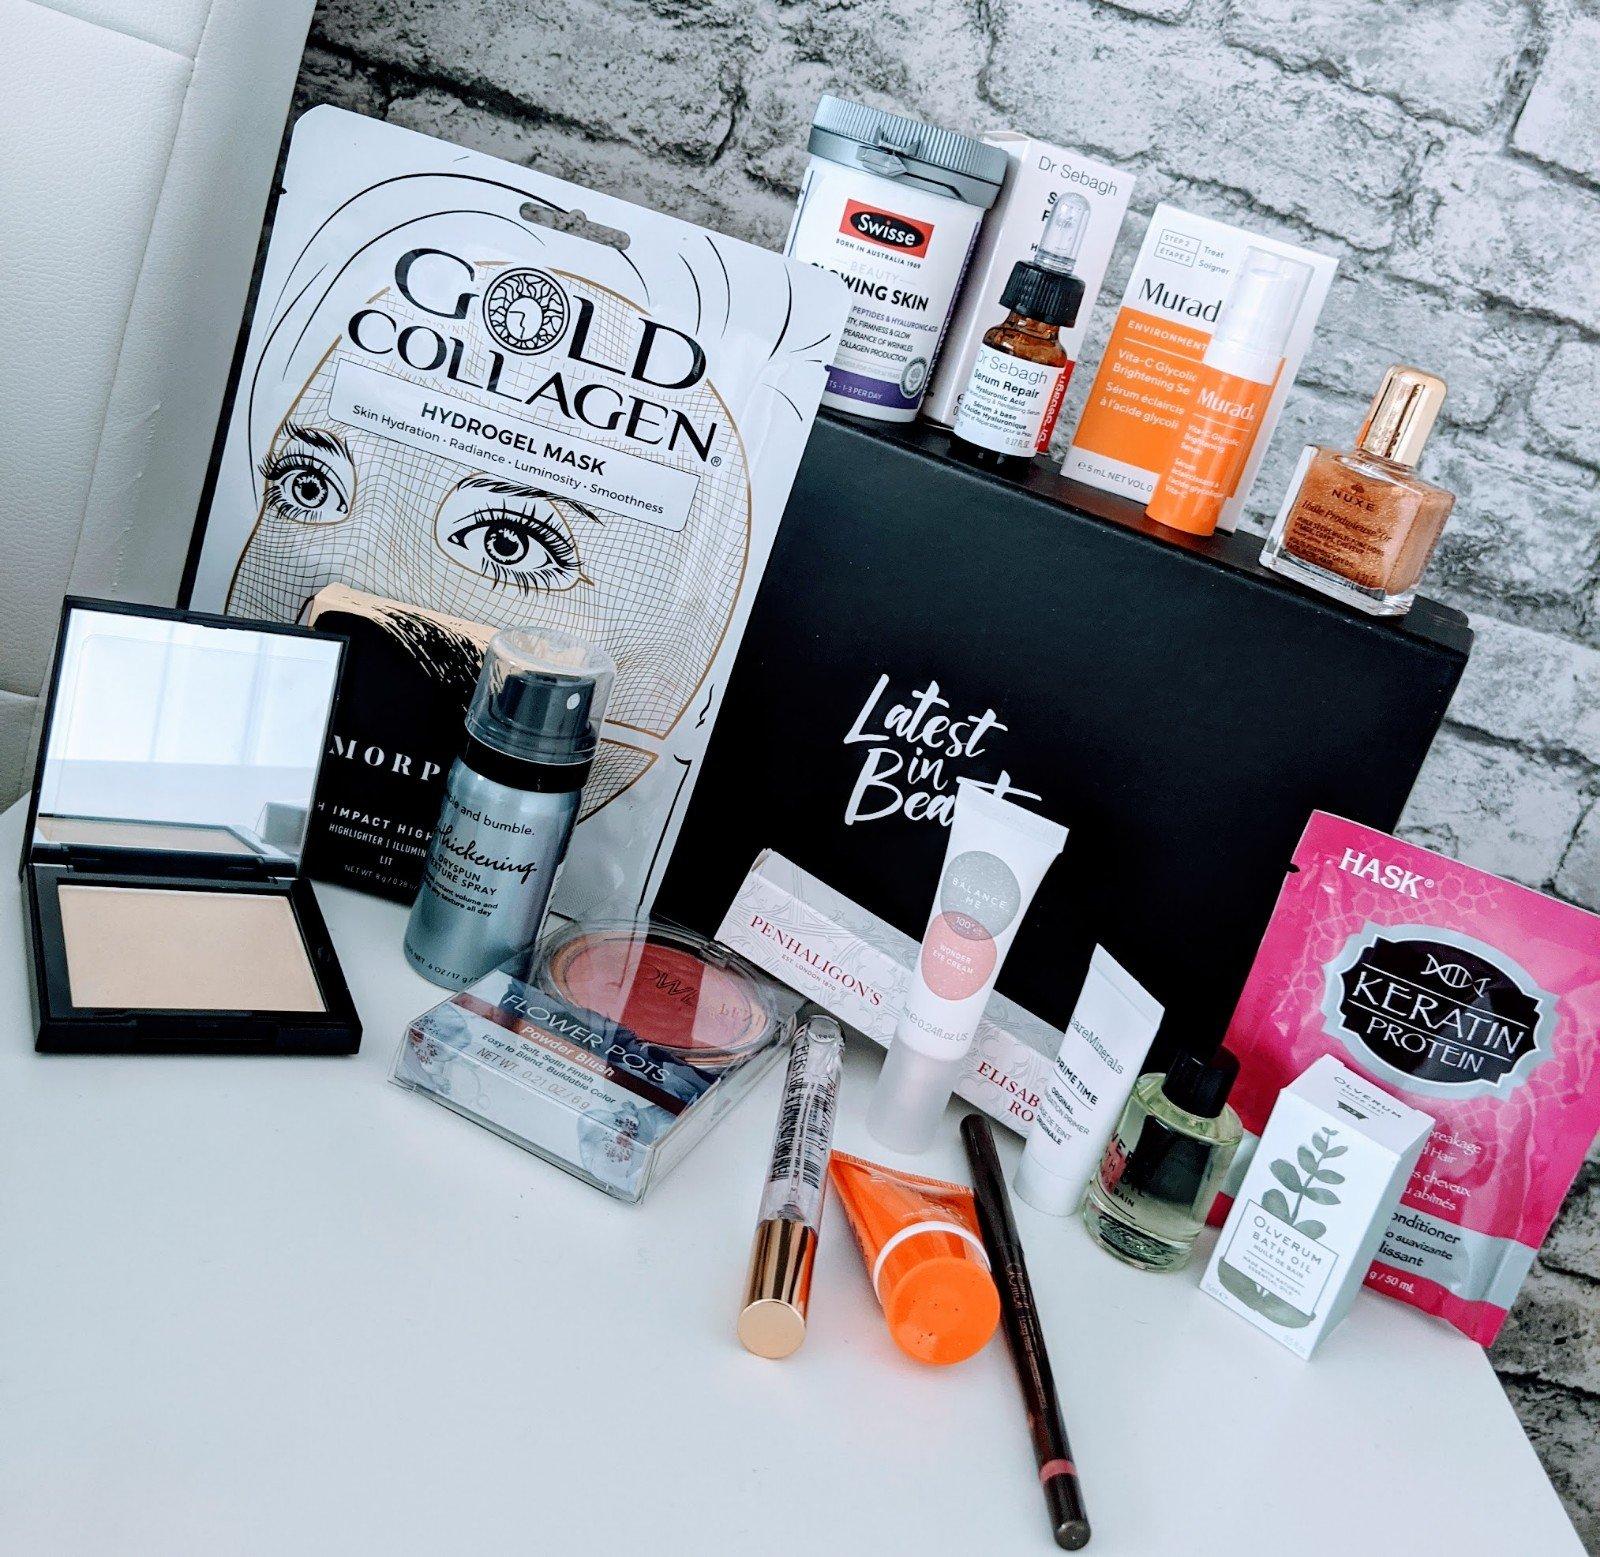 Latest in Beauty Hello! Celebrity Glow Getters Box.